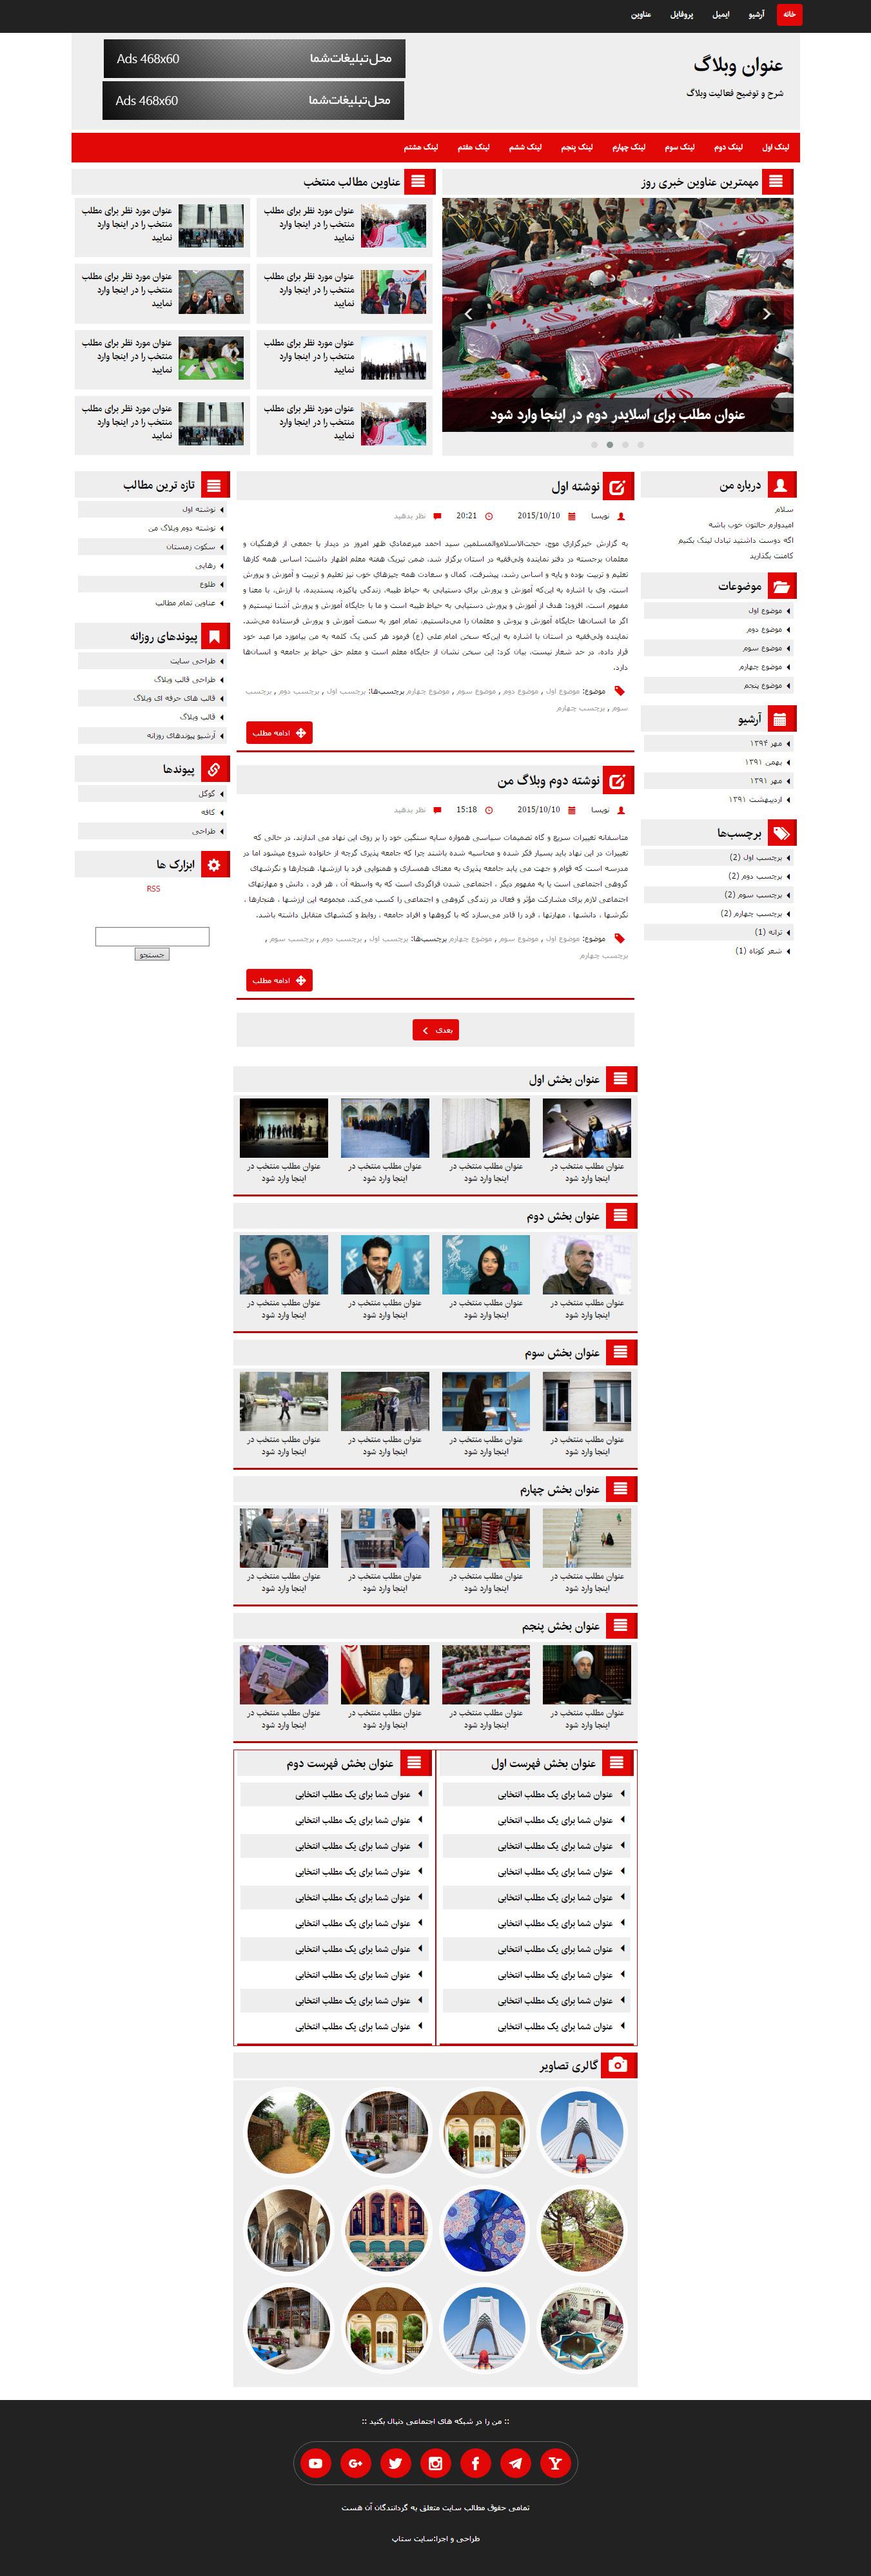 قالب حرفه ای وبلاگ - خبری